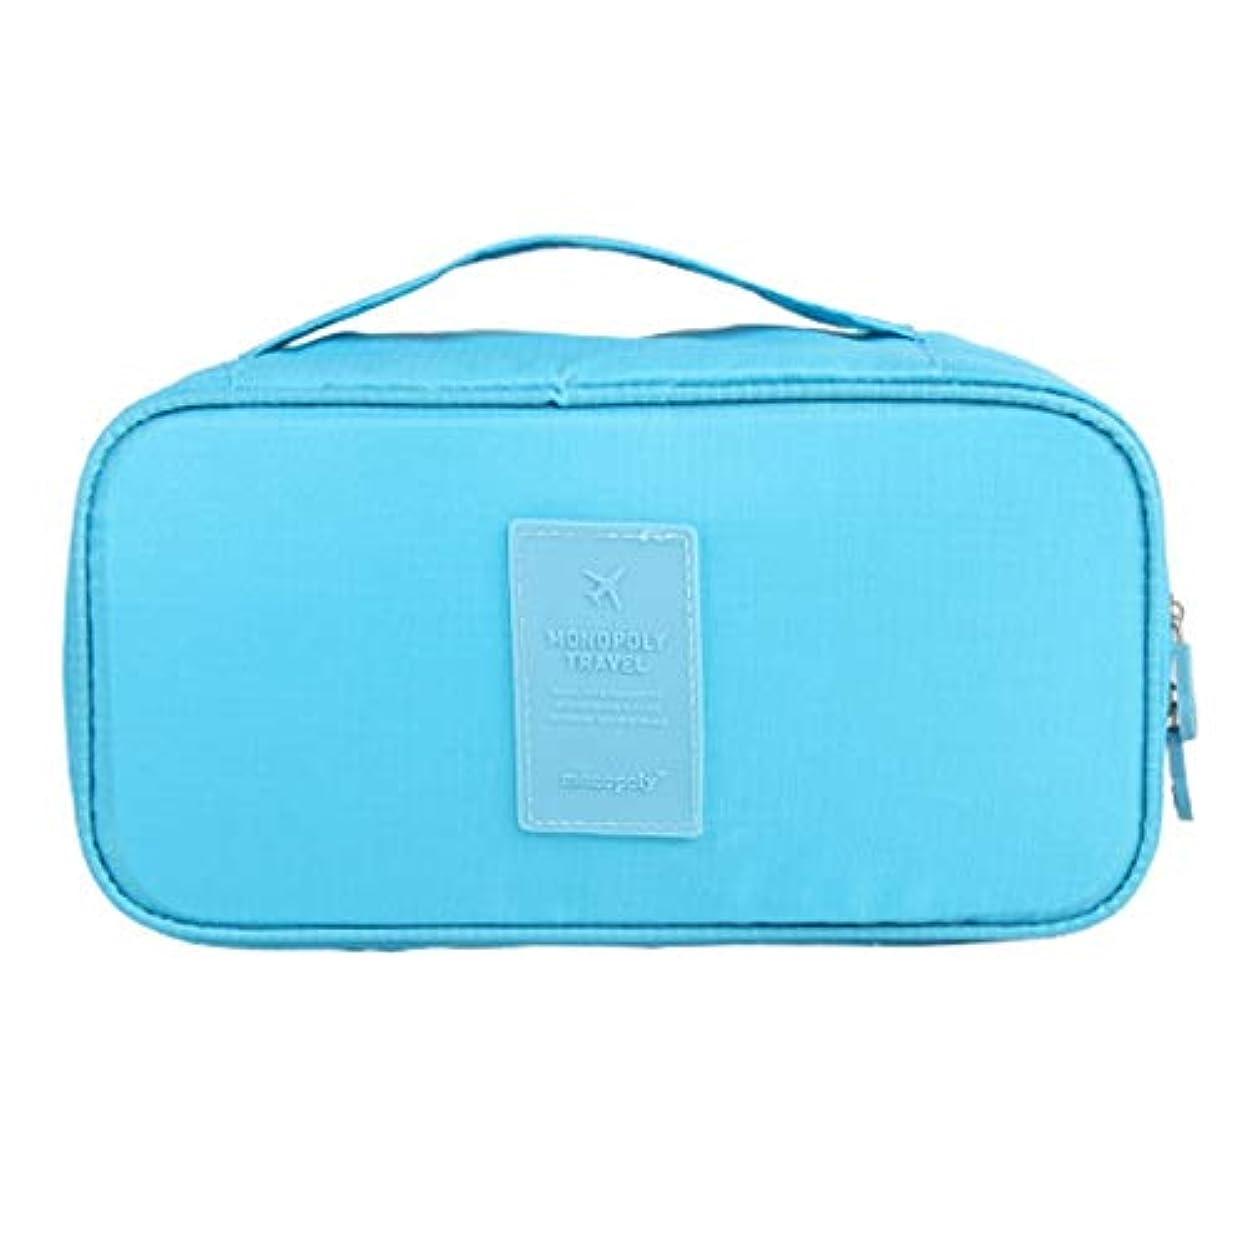 通り因子錆び化粧オーガナイザーバッグ 旅行用品旅行用シェービングヘアバッグ 化粧品ケース (色 : 青)